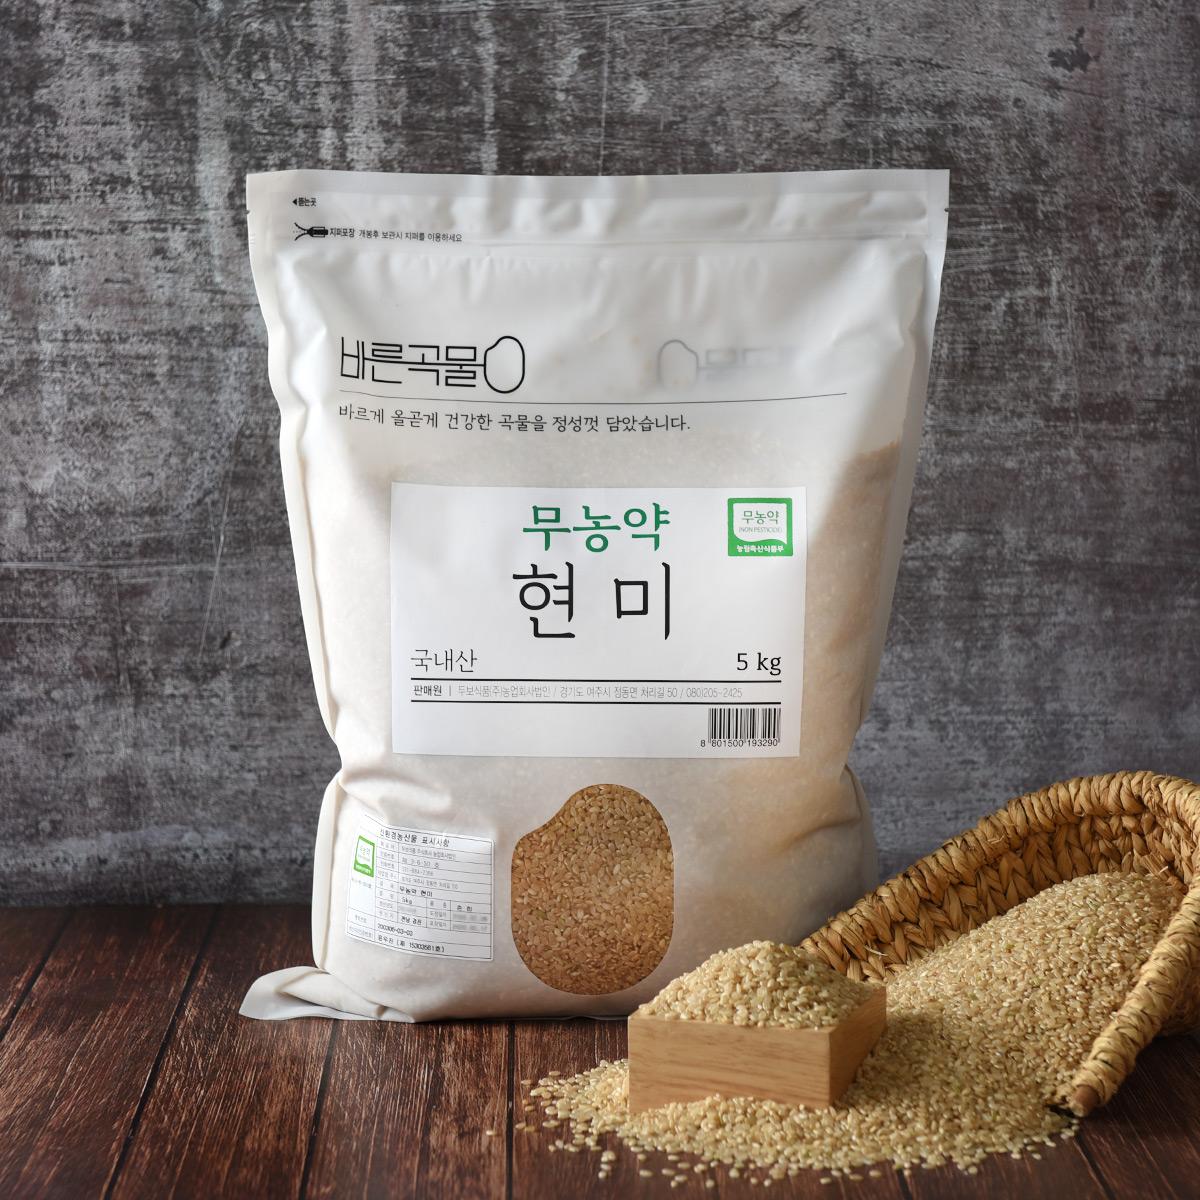 바른곡물 무농약 현미, 5kg, 1개